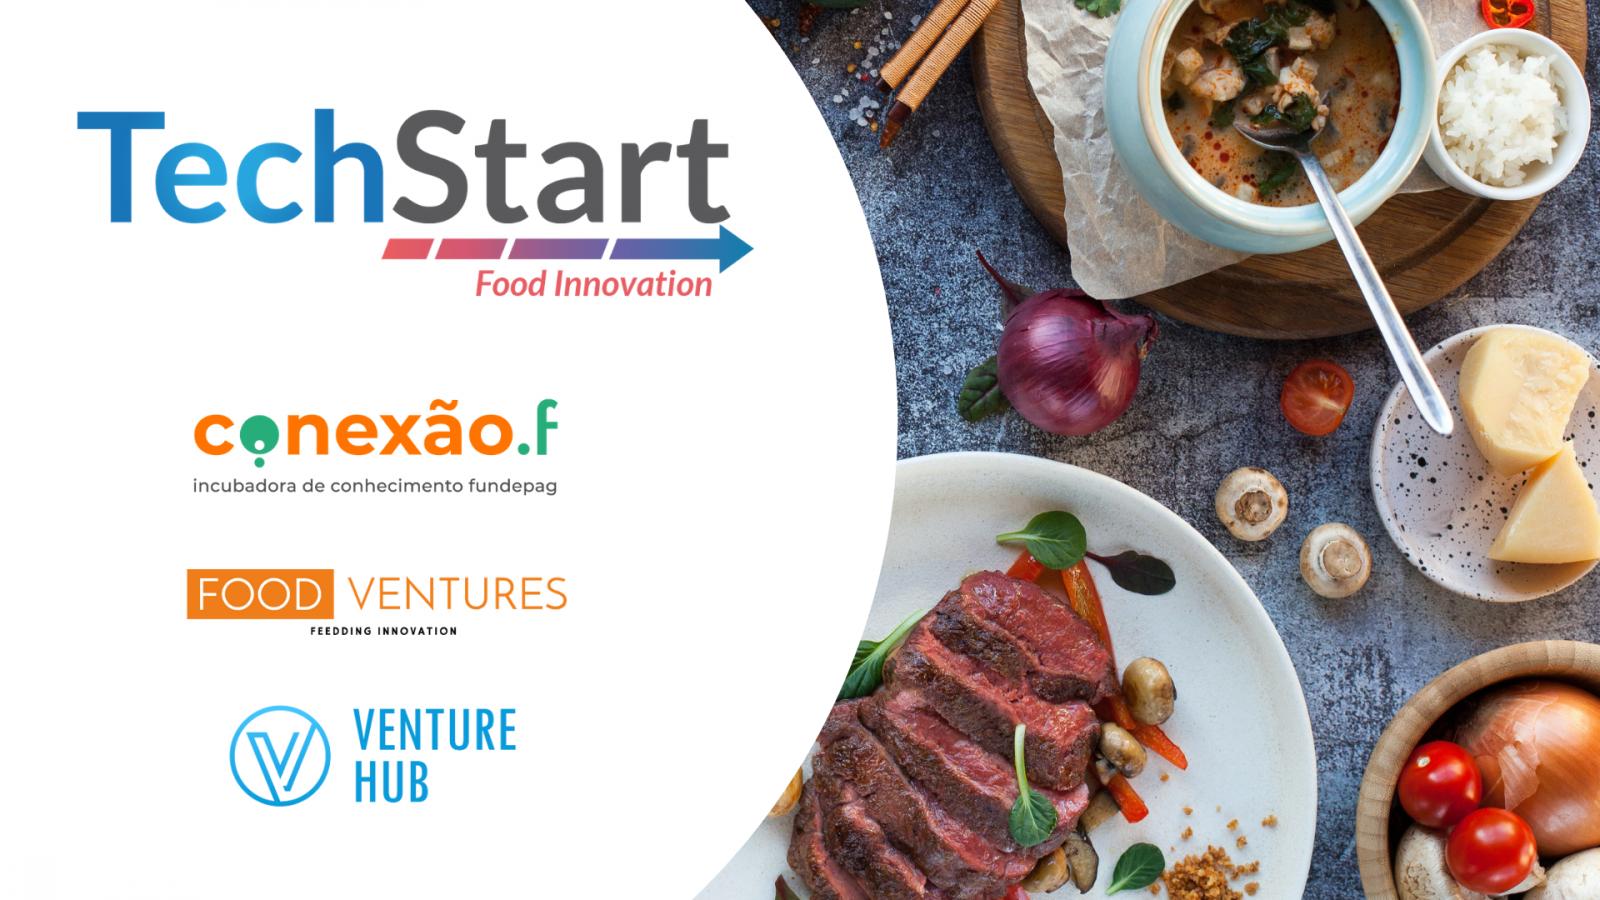 Imagem: TechStart Food Innovation: Aceleração de startups do setor de alimentos